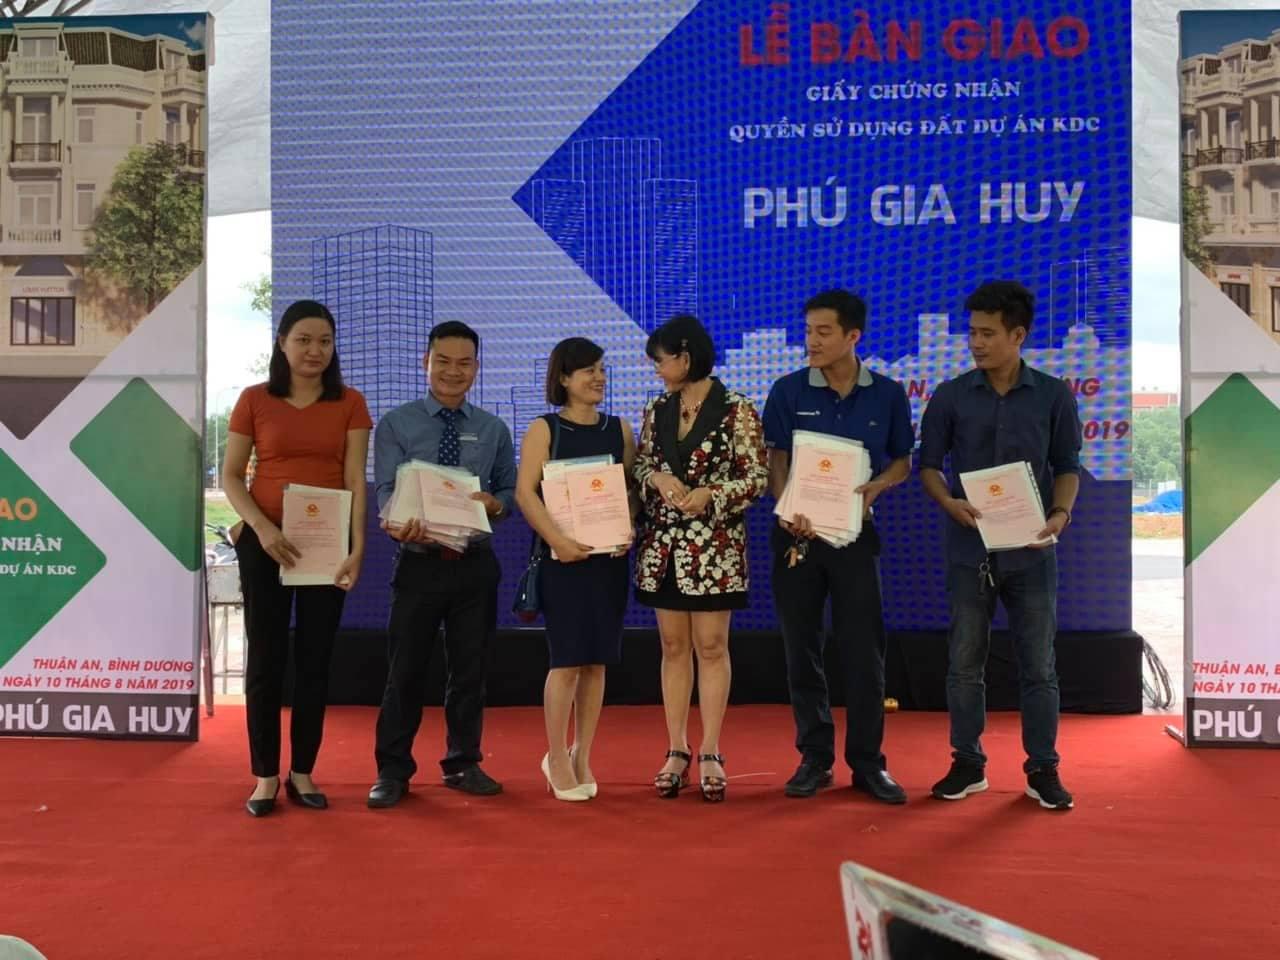 Dự án Phú Hồng Thịnh: Nhiều khách hàng vui mừng vì được trao sổ hồng sớm hơn mong đợi - Ảnh 2